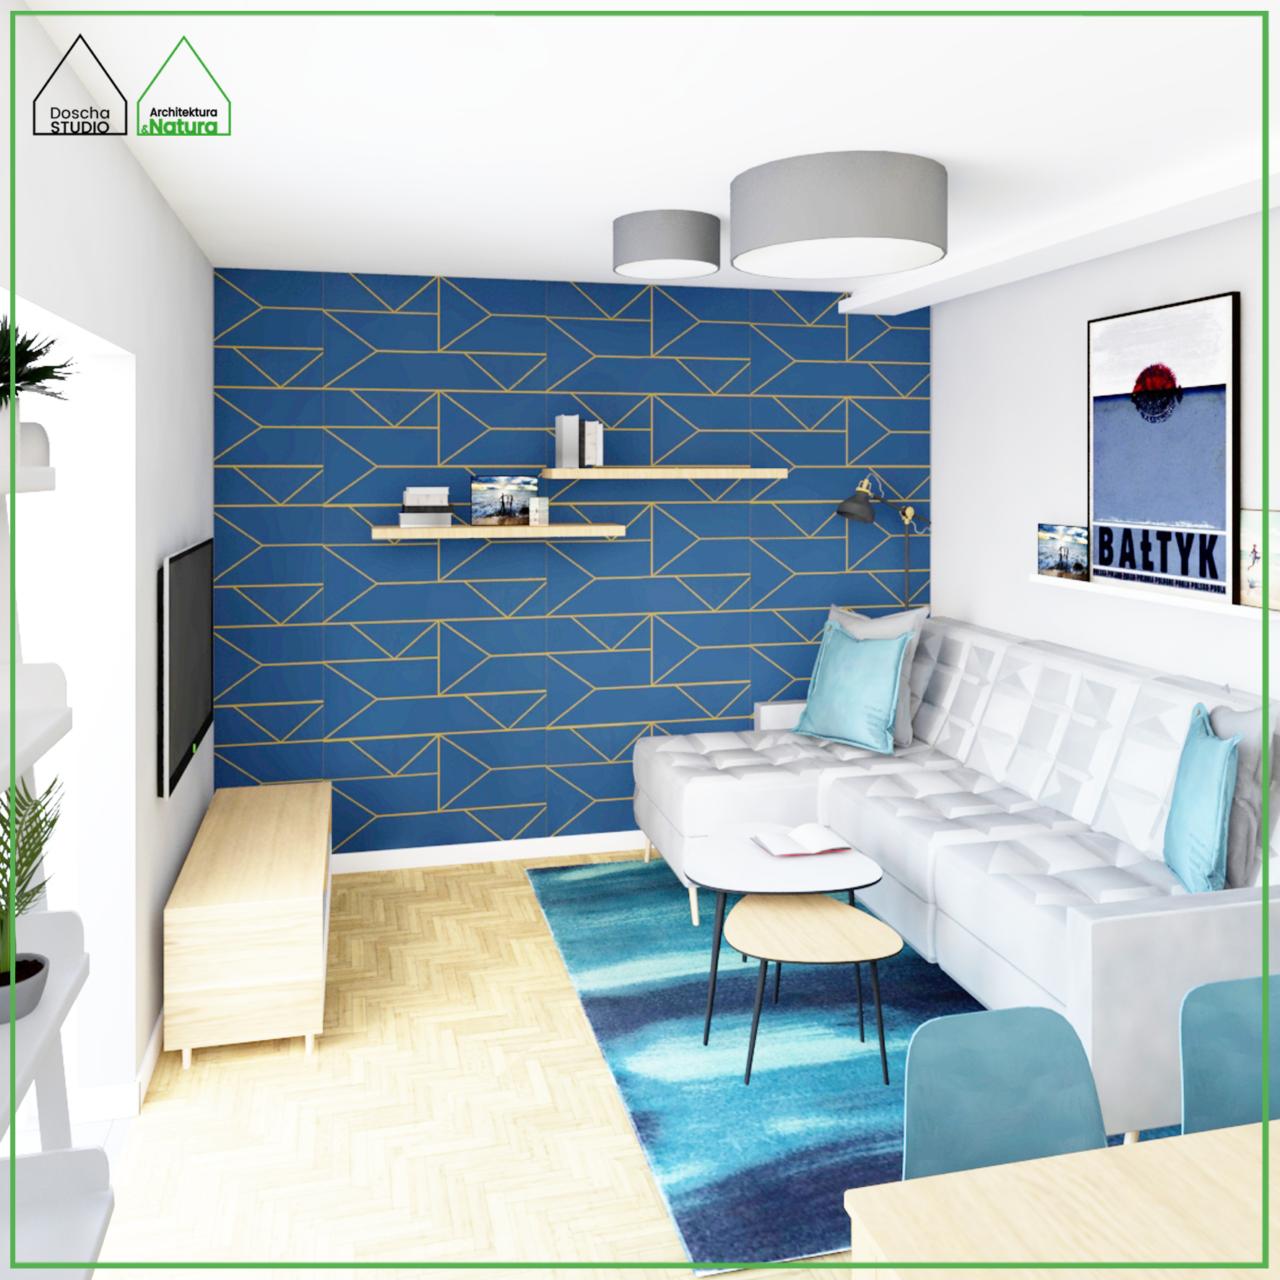 Nowoczesny salon w niebieskiej kolorystyce w stylu skandynawskim Projekt: Doscha STUDIO Julia Chalimoniuk